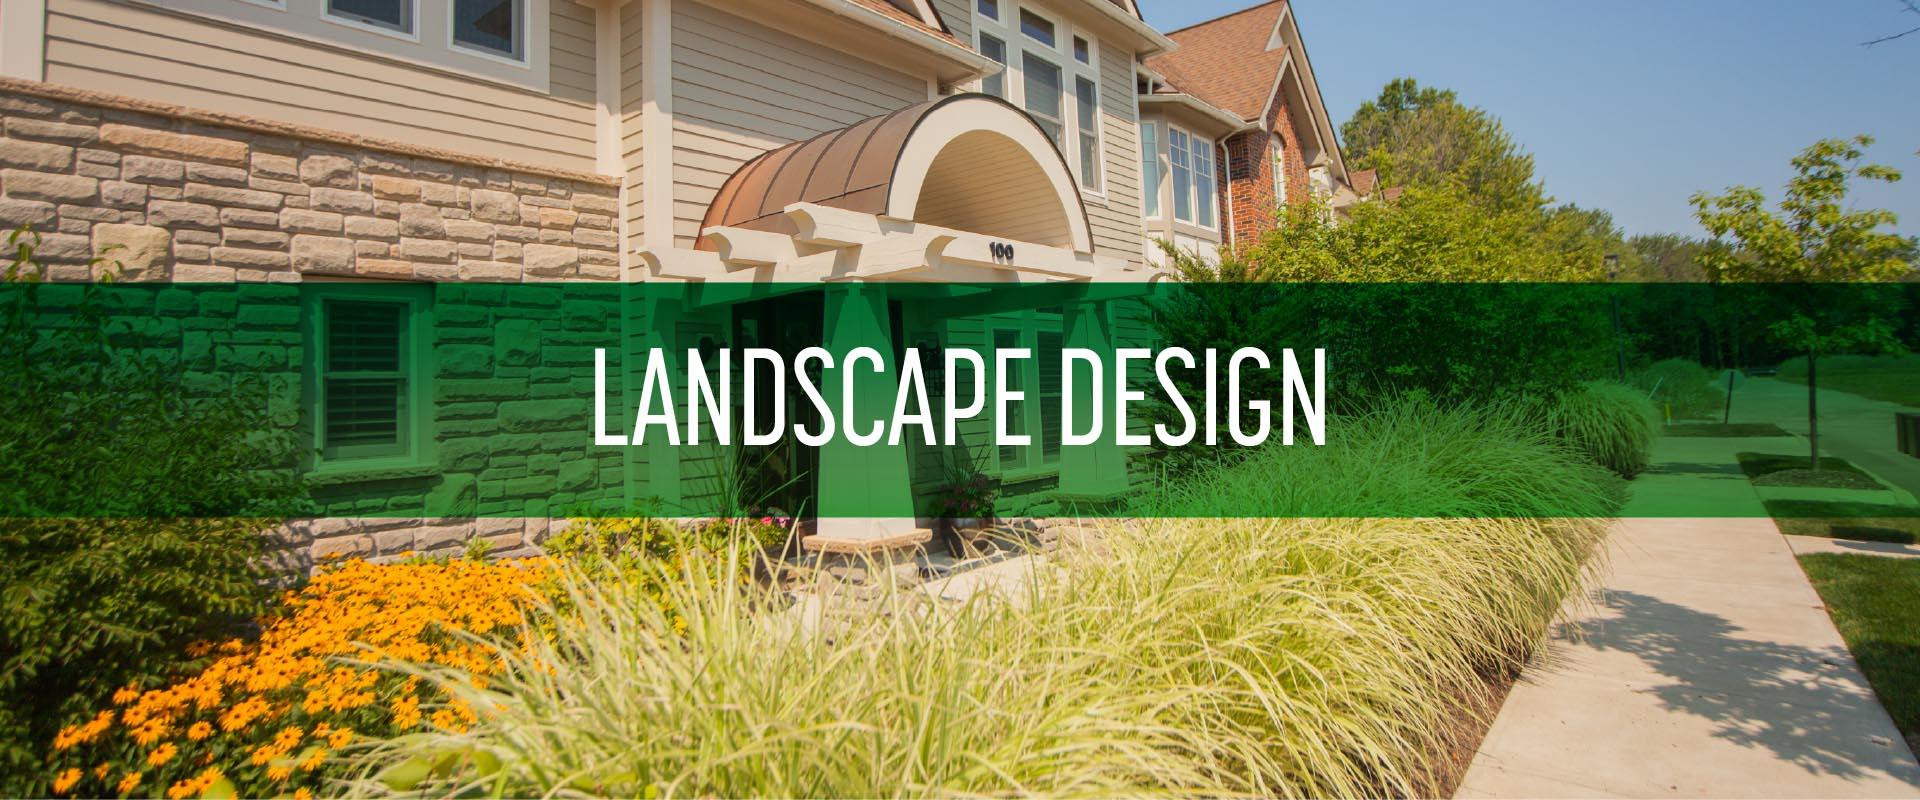 landscape_design_Slide-2-min